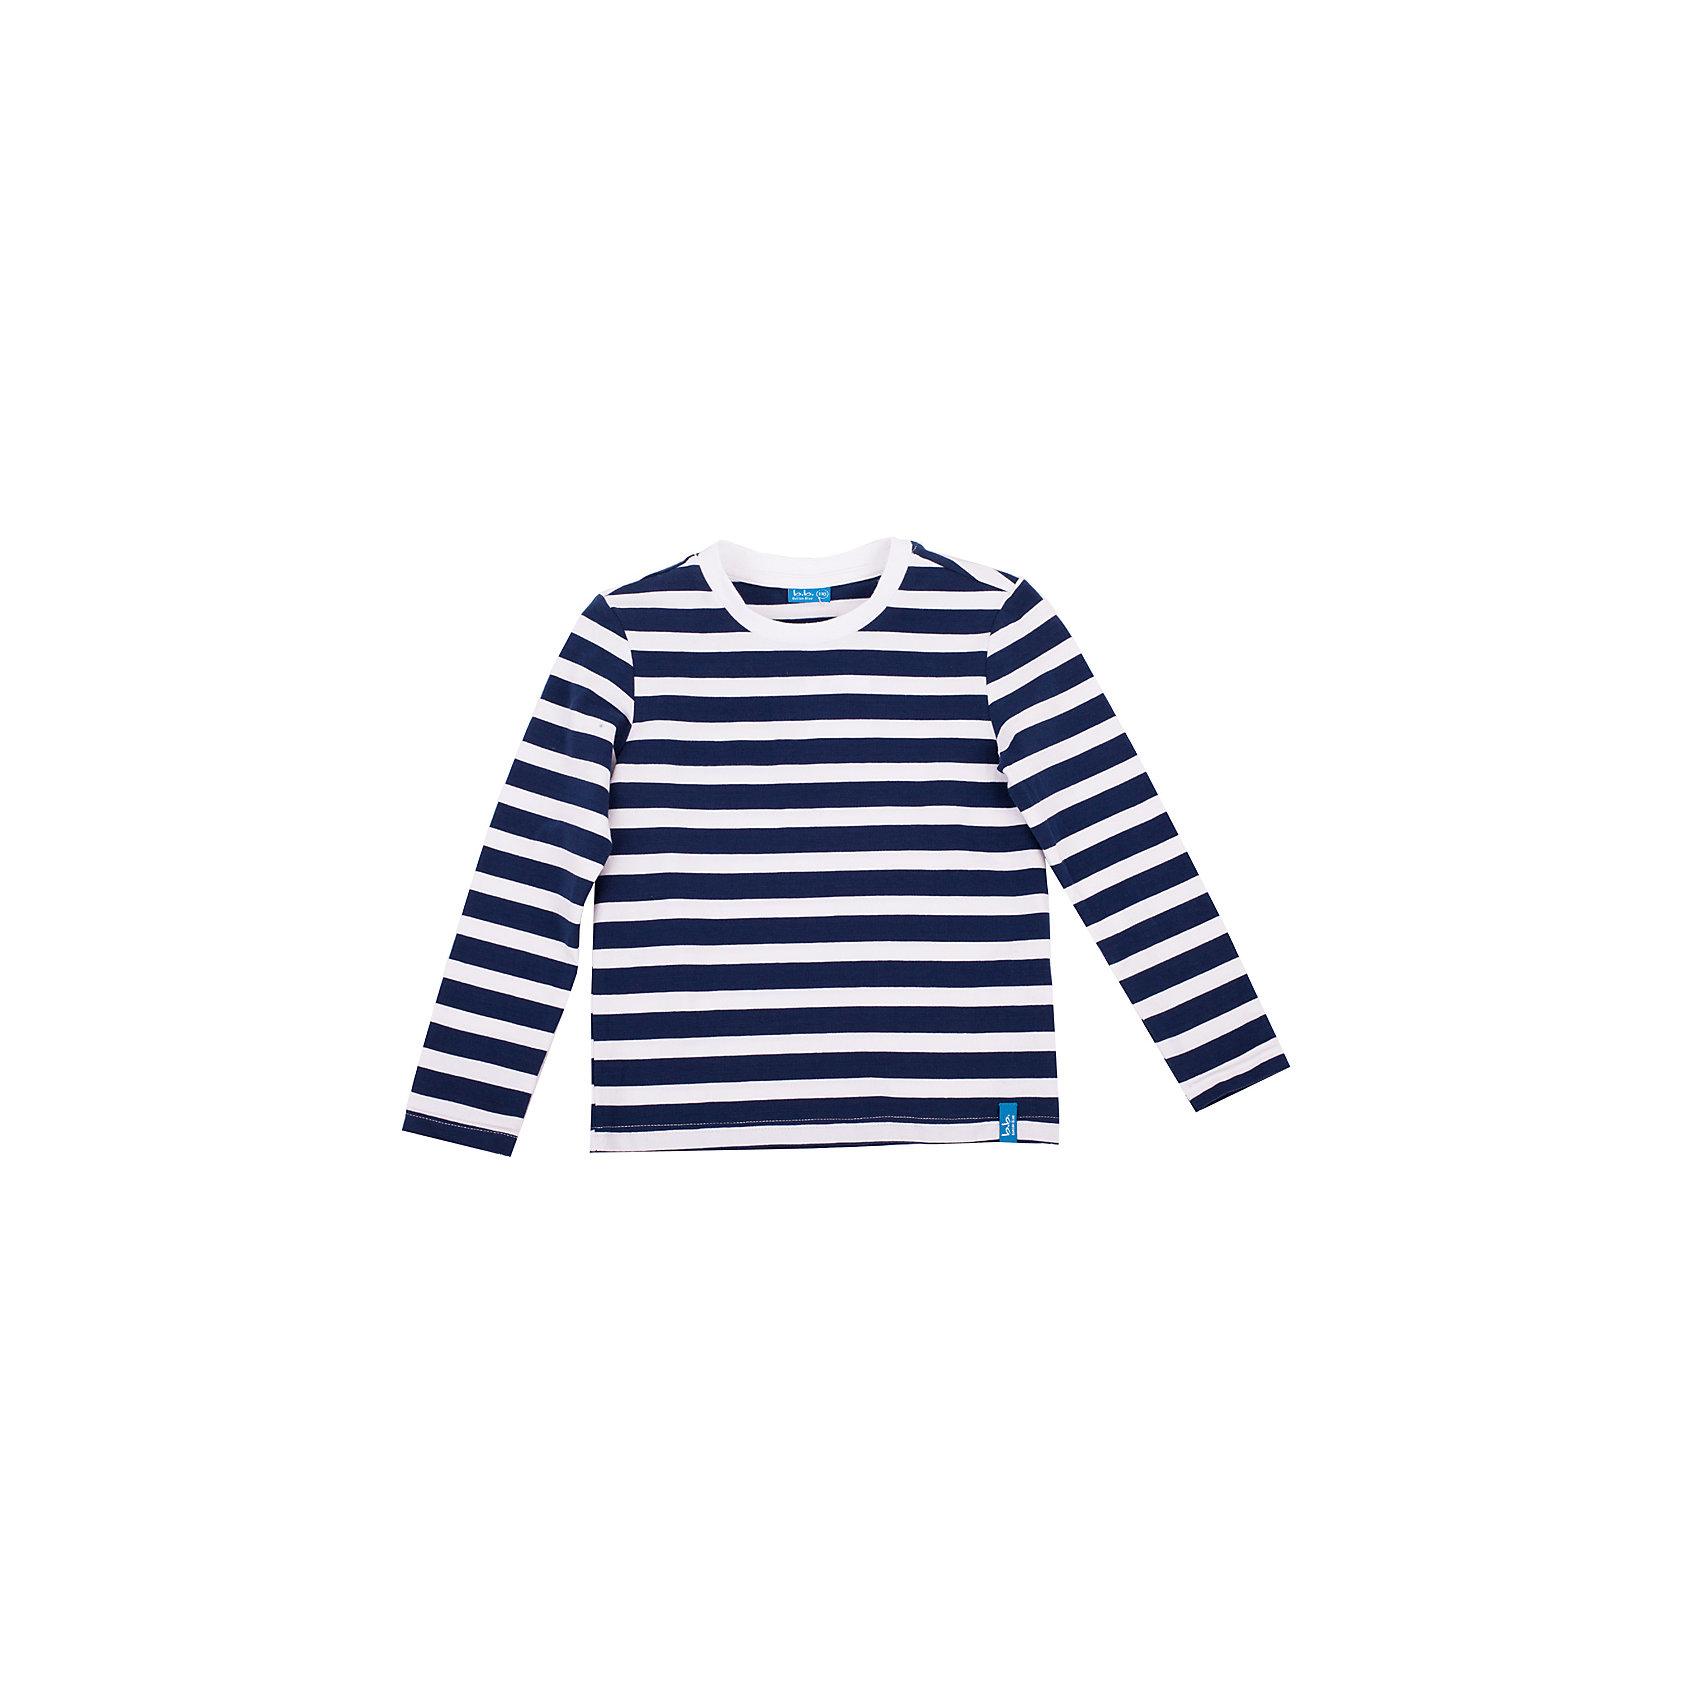 Футболка с длинным рукавом для мальчика Button BlueФутболки с длинным рукавом<br>Яркая футболка - не просто базовая вещь в гардеробе ребенка, а залог хорошего летнего настроения! Отличное качество и доступная цена прилагаются. Если вы решили купить недорогую детскую футболку с длинным рукавом, выберете яркую футболку в полоску, и ваш ребенок будет доволен!<br>Состав:<br>95% хлопок                                             5% эластан<br><br>Ширина мм: 199<br>Глубина мм: 10<br>Высота мм: 161<br>Вес г: 151<br>Цвет: разноцветный<br>Возраст от месяцев: 96<br>Возраст до месяцев: 108<br>Пол: Мужской<br>Возраст: Детский<br>Размер: 134,116,158,98,104,146,128,140,122,110,152<br>SKU: 4510169